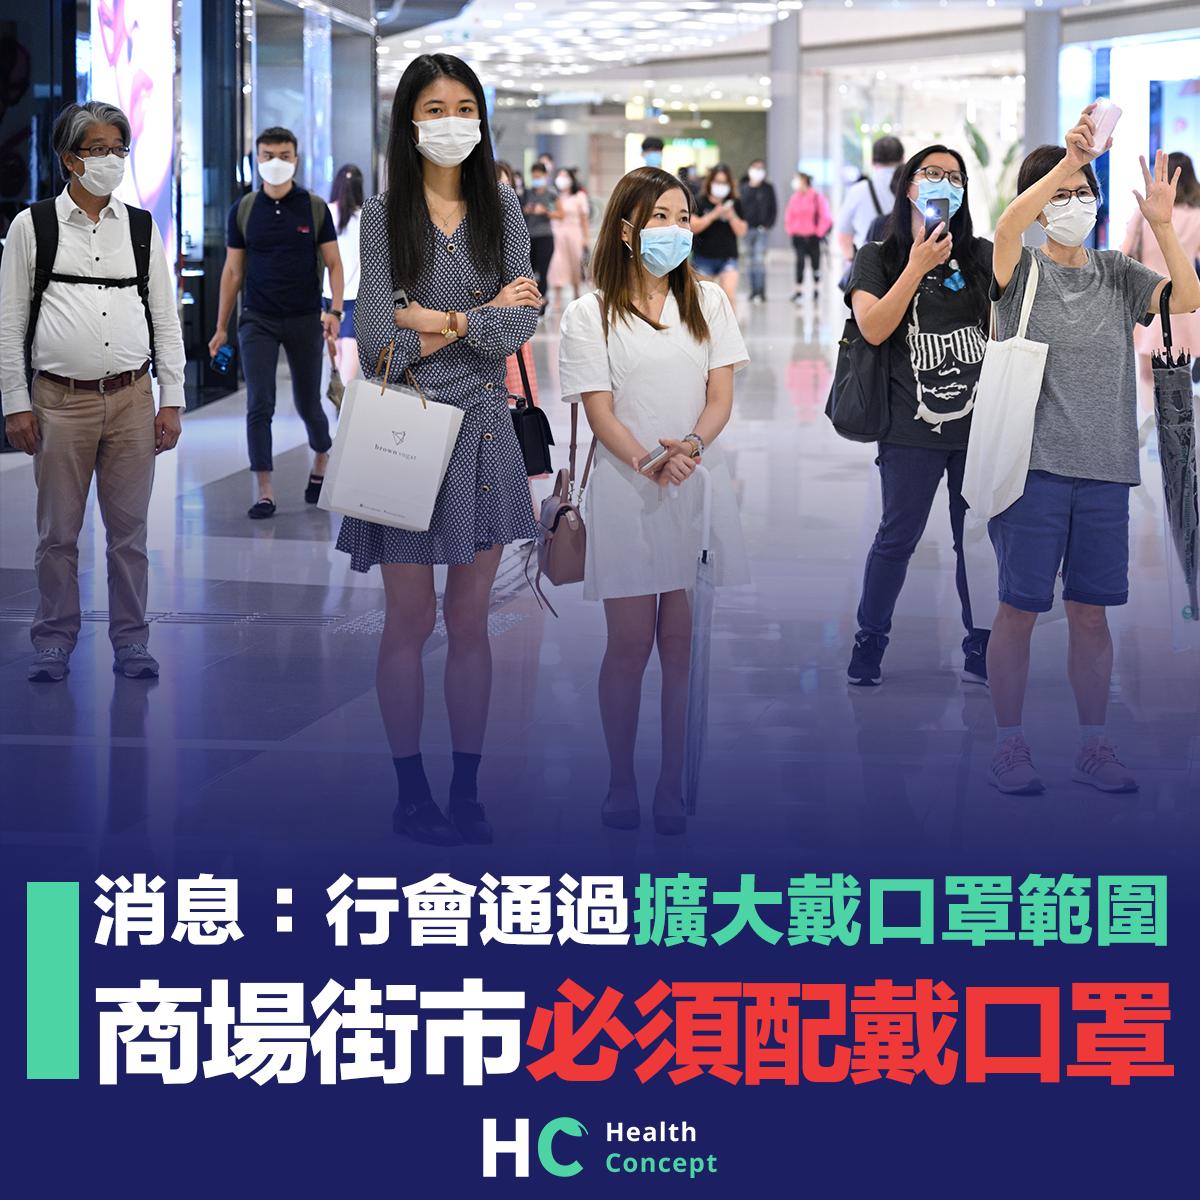 【#新型肺炎】消息:行會通過擴大戴口罩範圍 商場街市必須配戴口罩